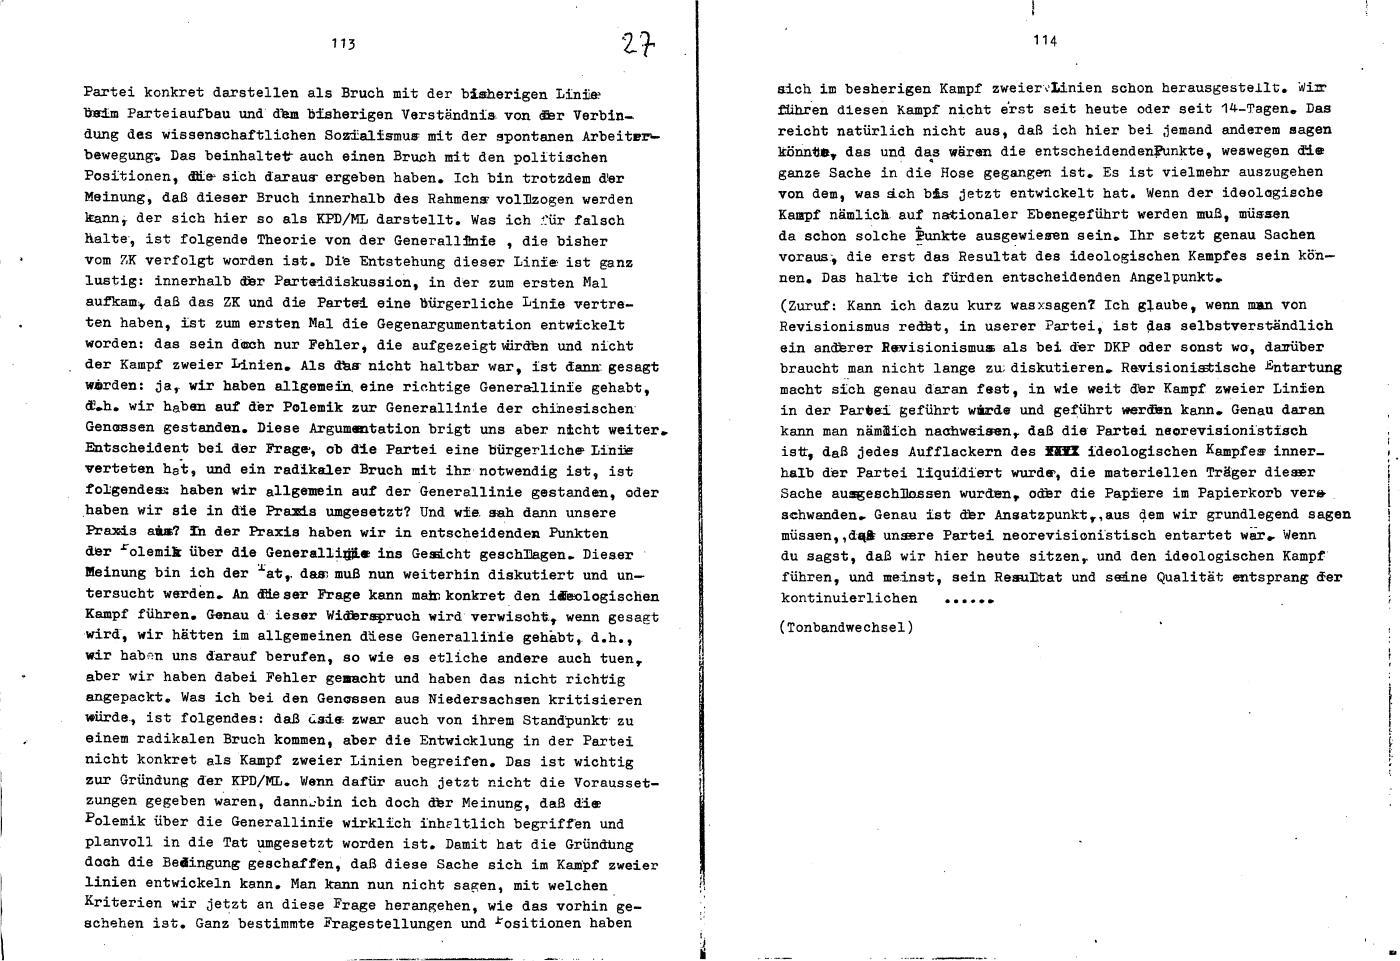 KPDML_1971_Wortprotokolle_aoPt_046